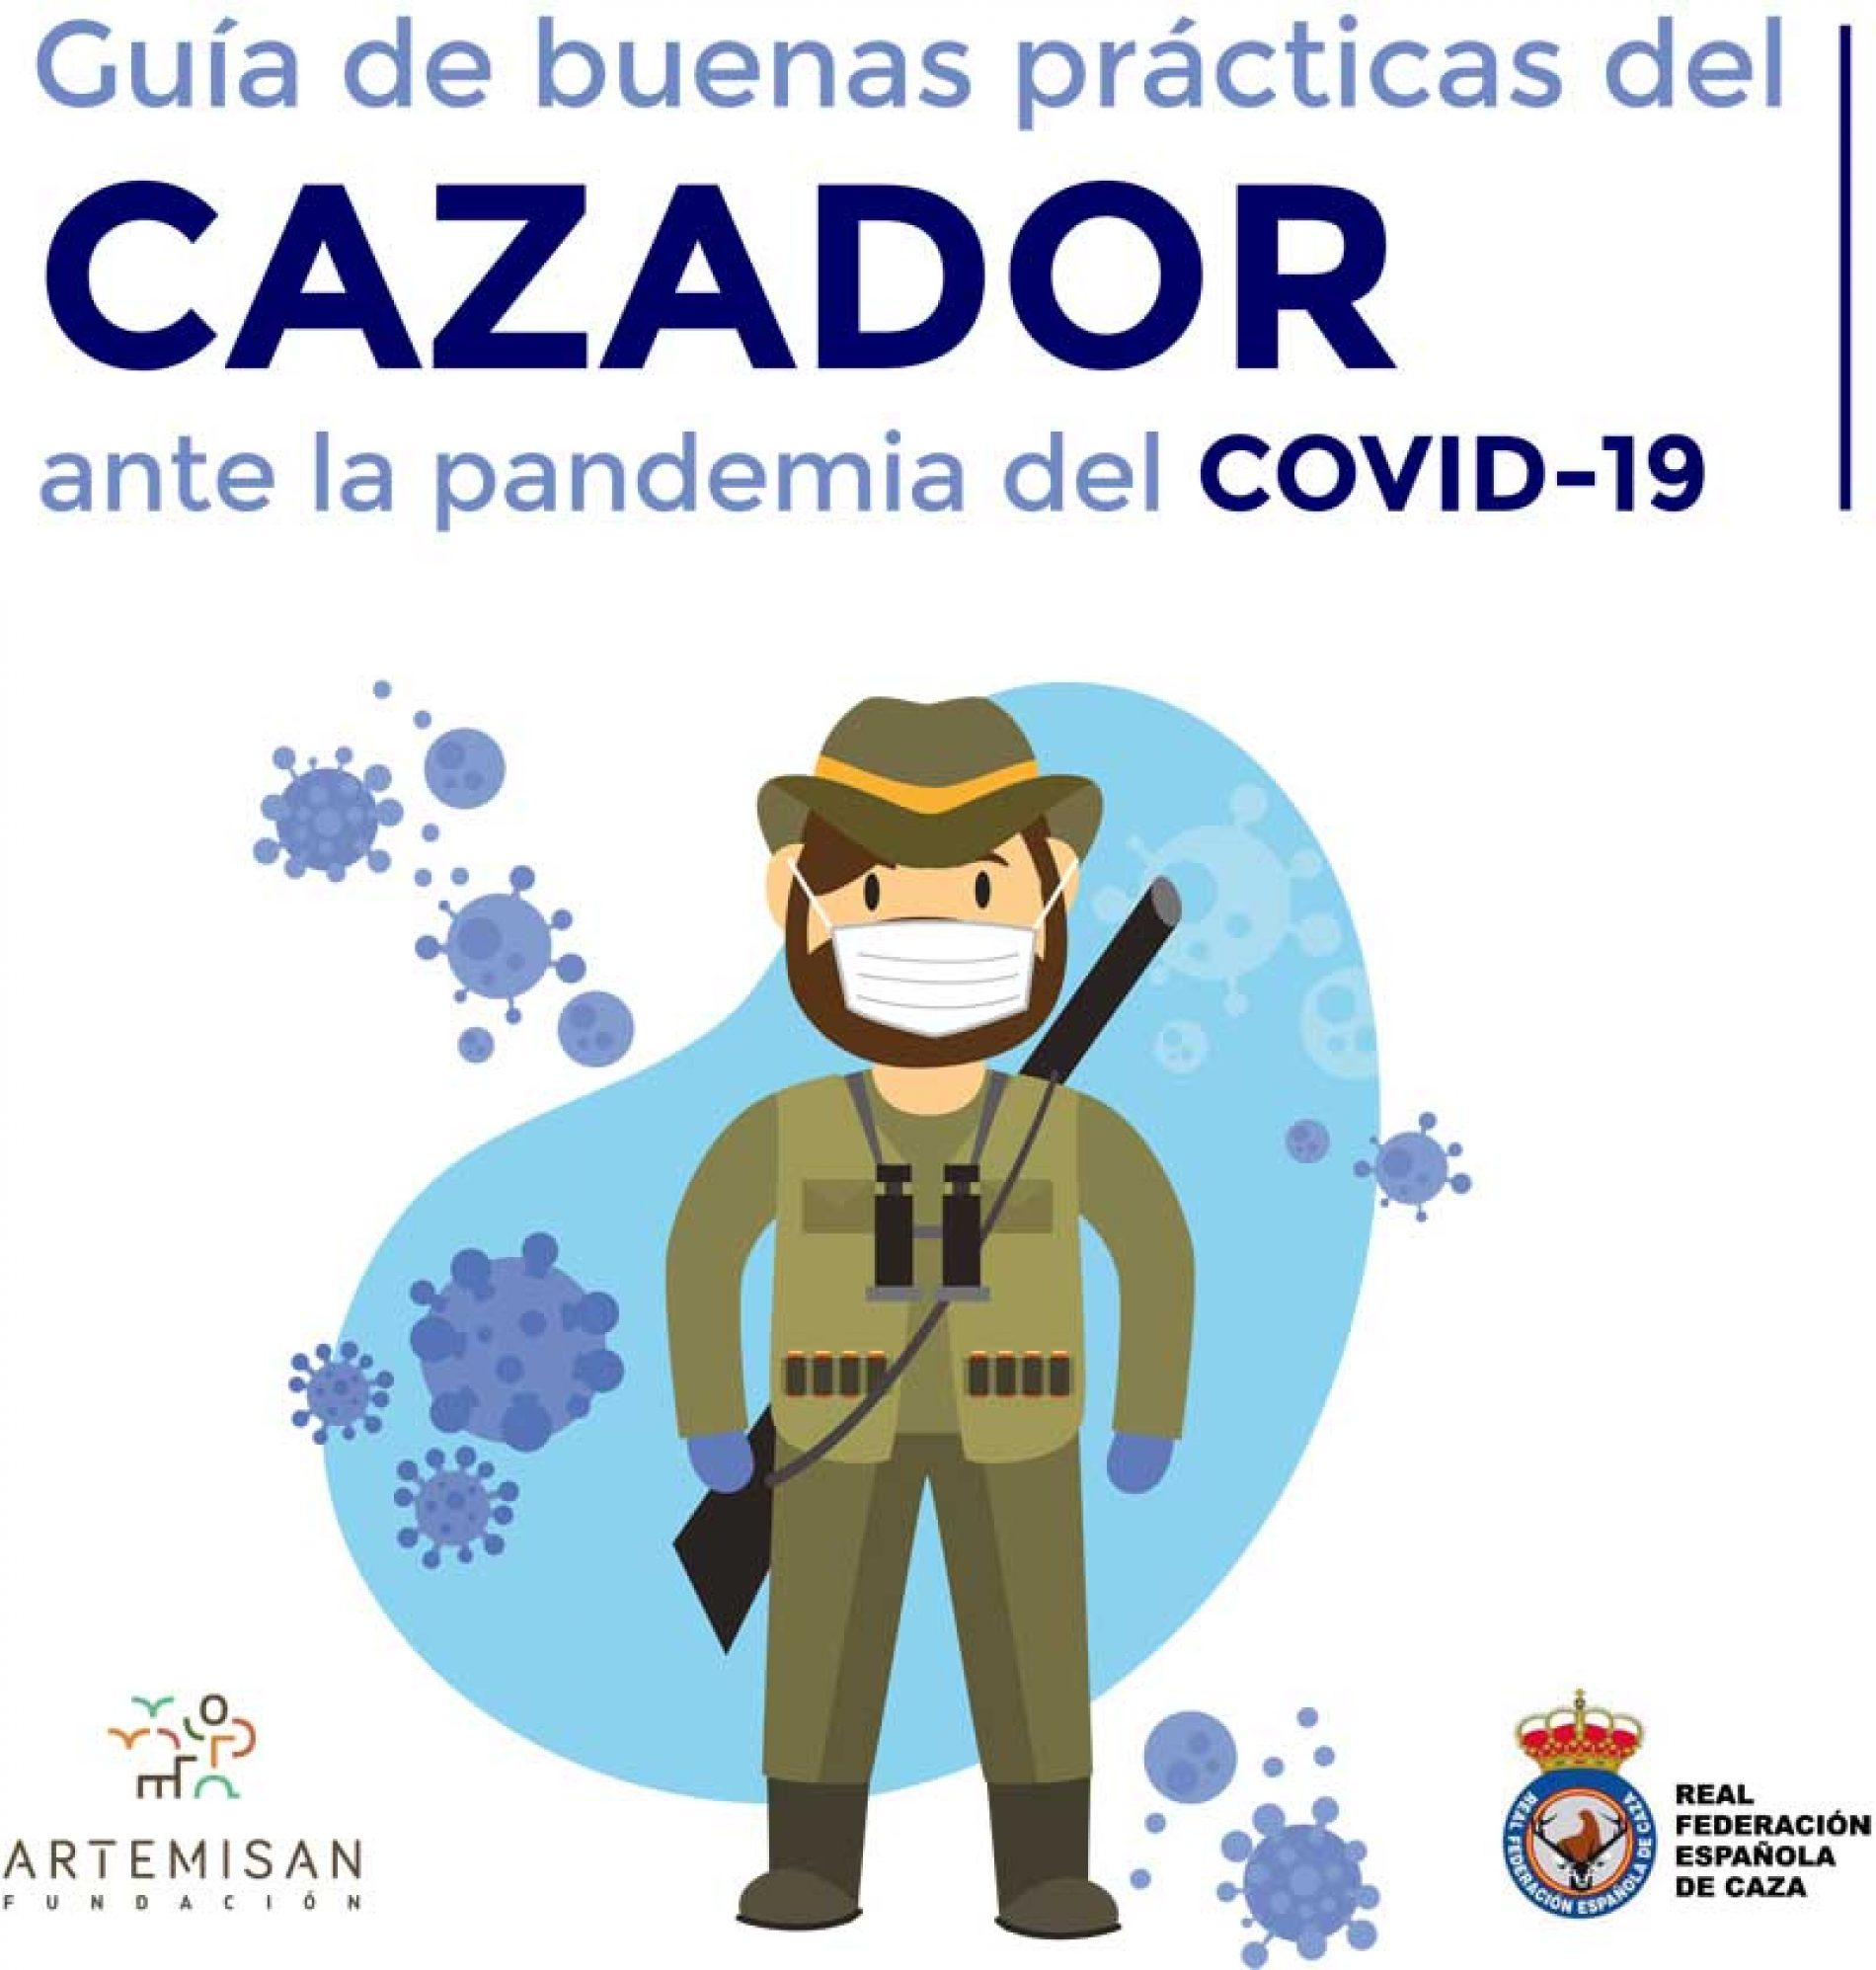 Guía de buenas prácticas para el cazador ante la pandemia de Covid- 19